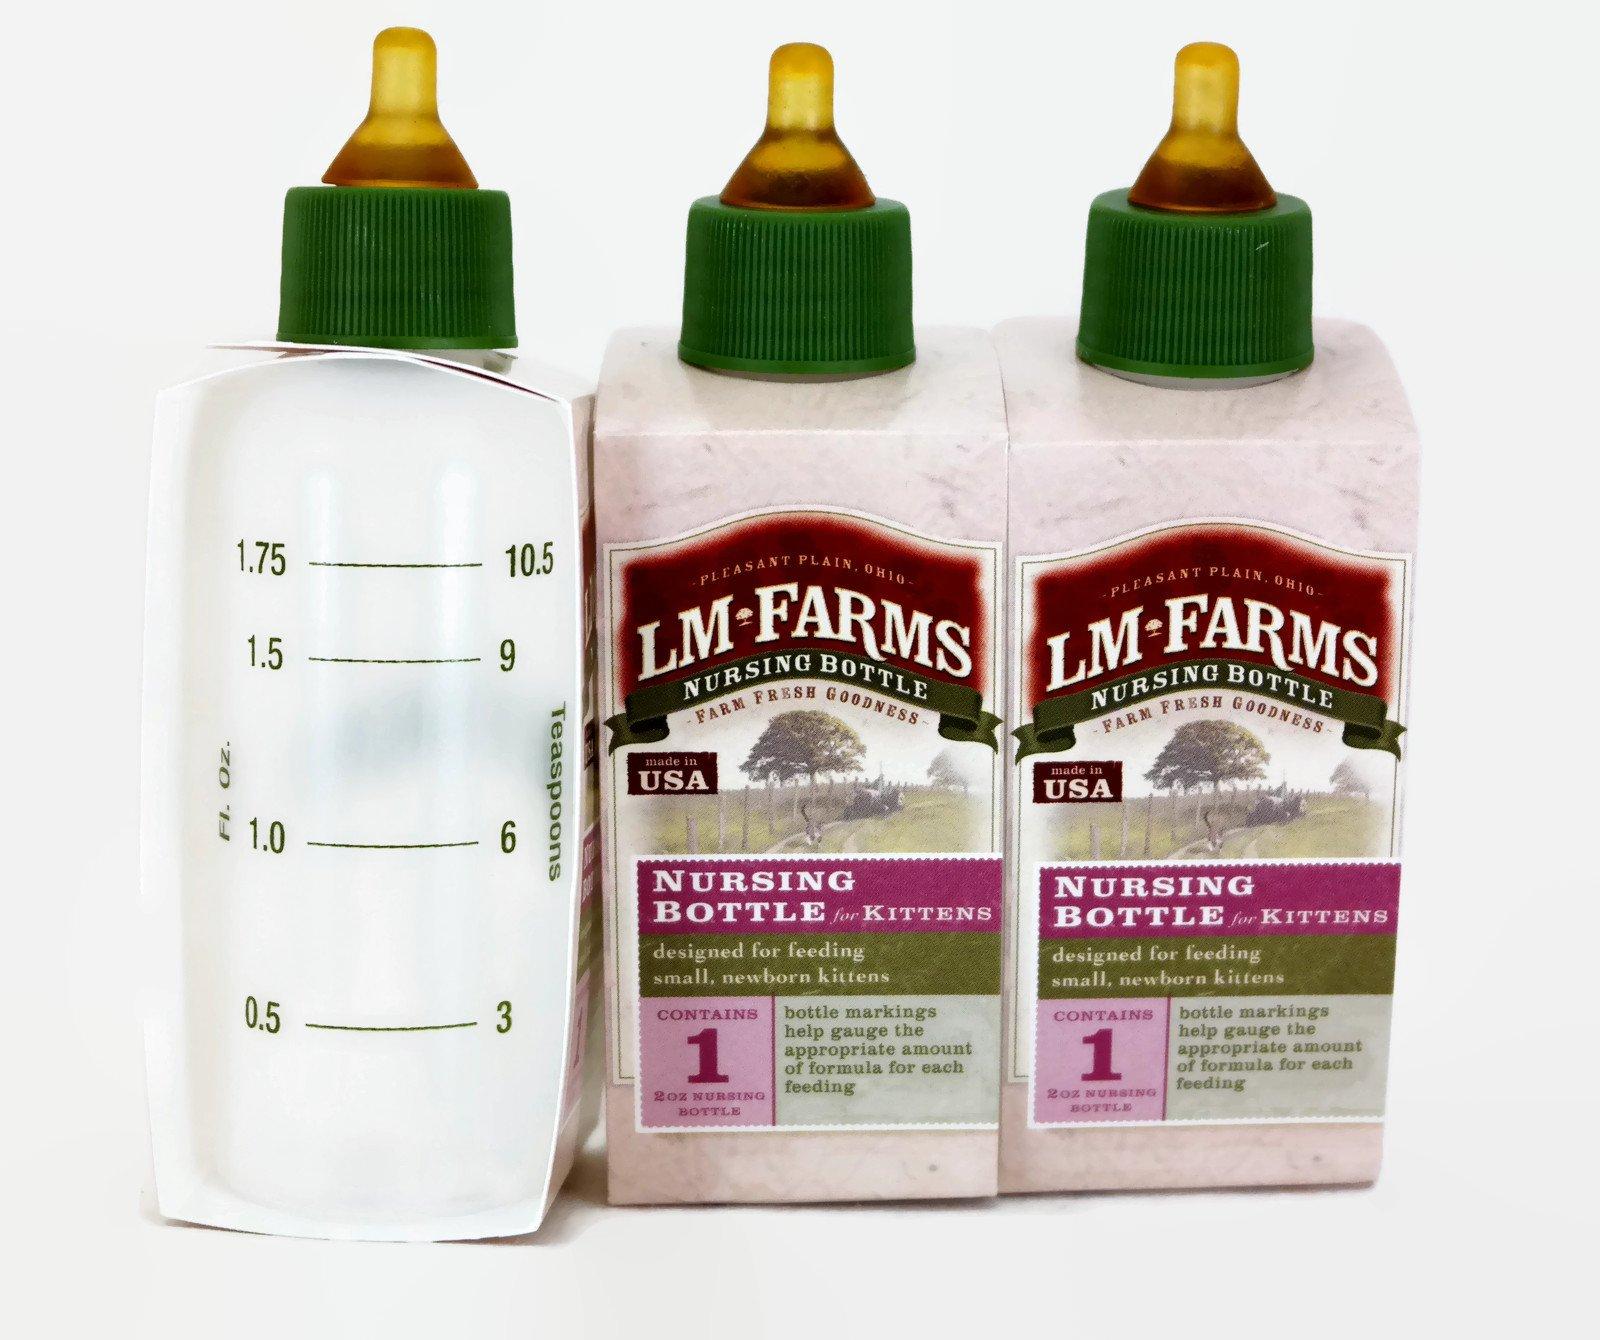 LM Farms Nursing Bottle for Newborn Kittens 2 Ounce (3 Bottles)